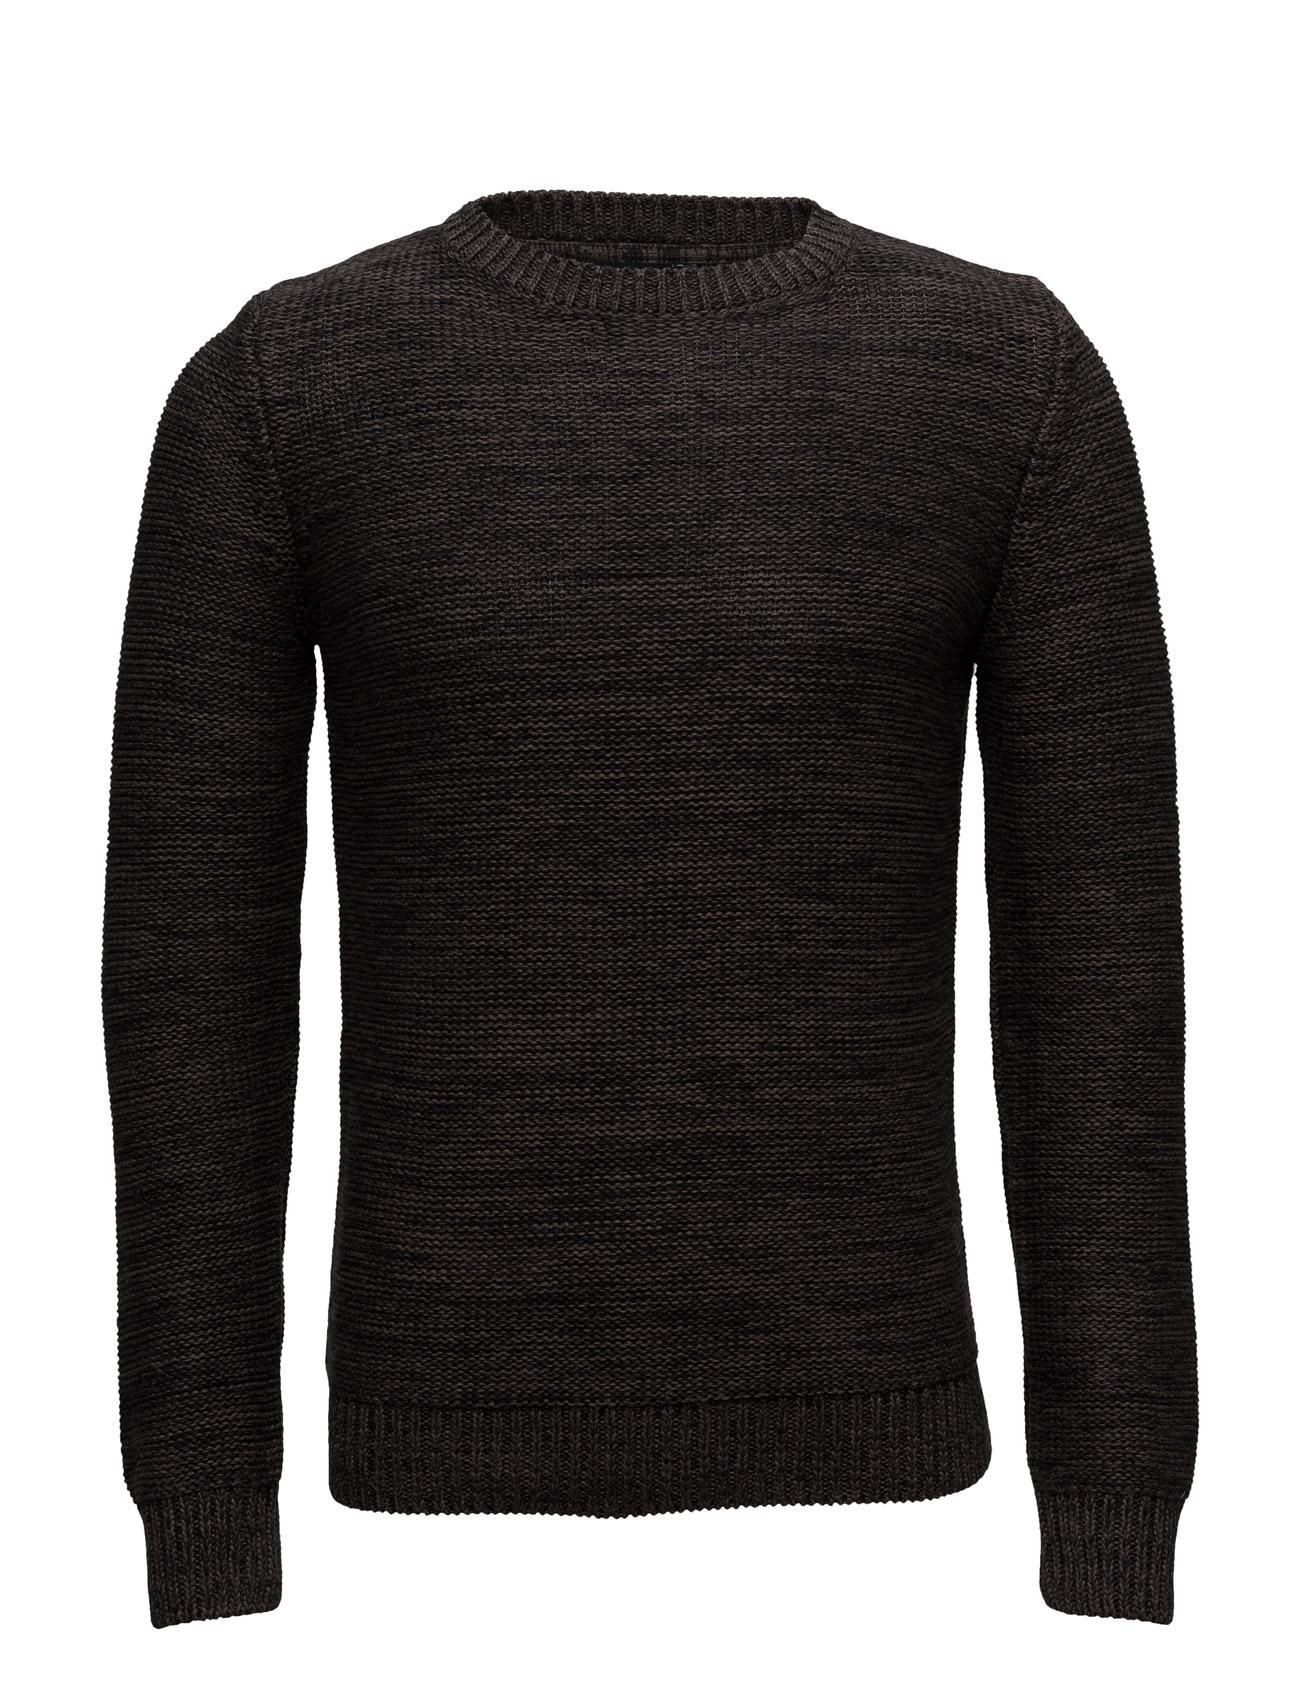 a5a49d04643b Bestil Sweater Round Collar Antony Morato Striktøj i til Mænd fra Boozt.dk